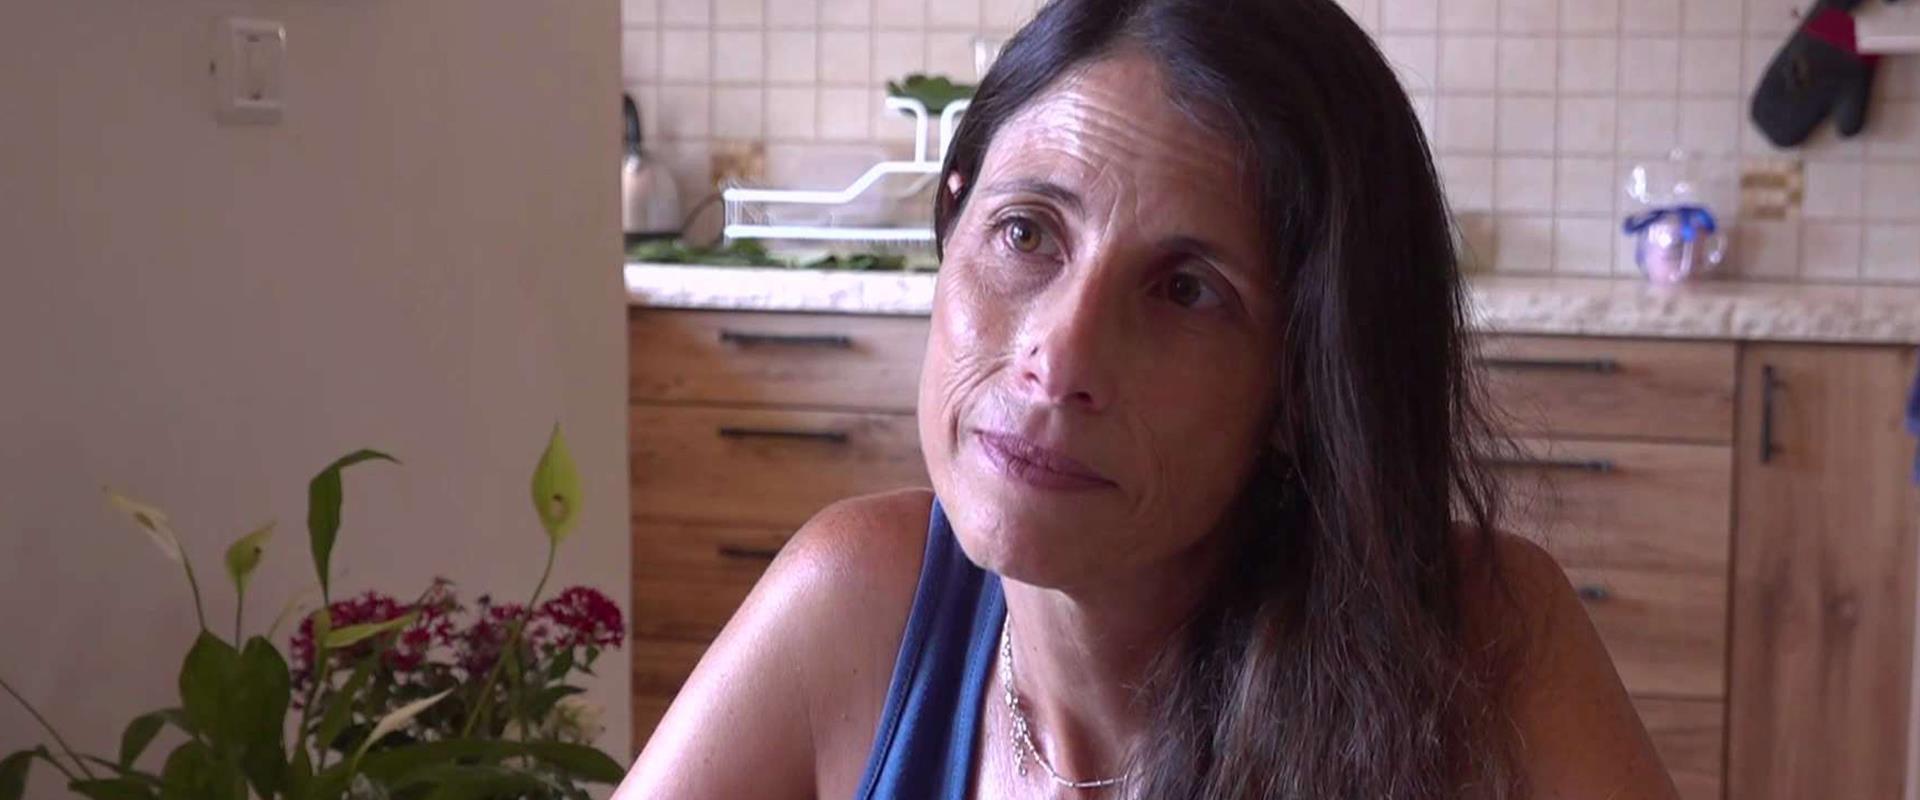 """""""נתתי חיים"""": הגננת שתרמה כליה לילד מעזה"""